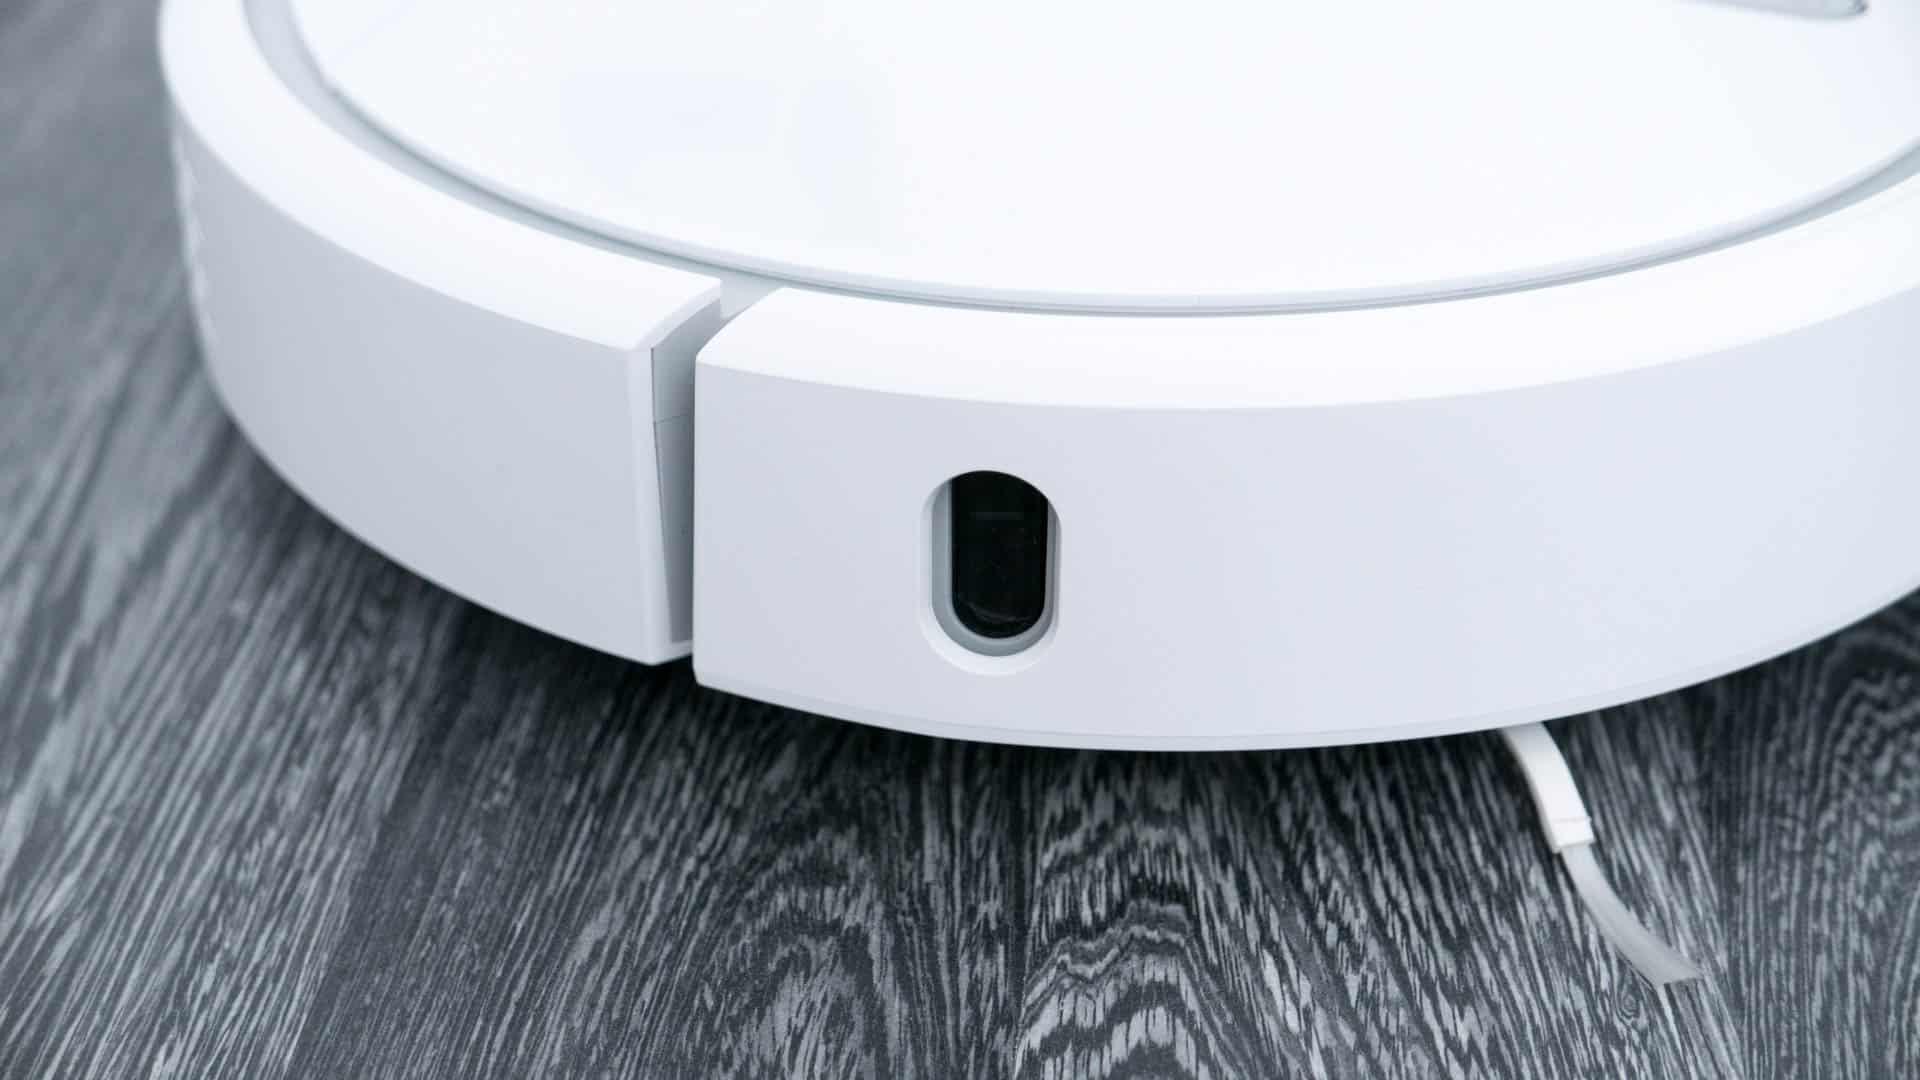 Xiaomi-Mi-Staubsauger-Roboter-im-Test-Sensor-Seite